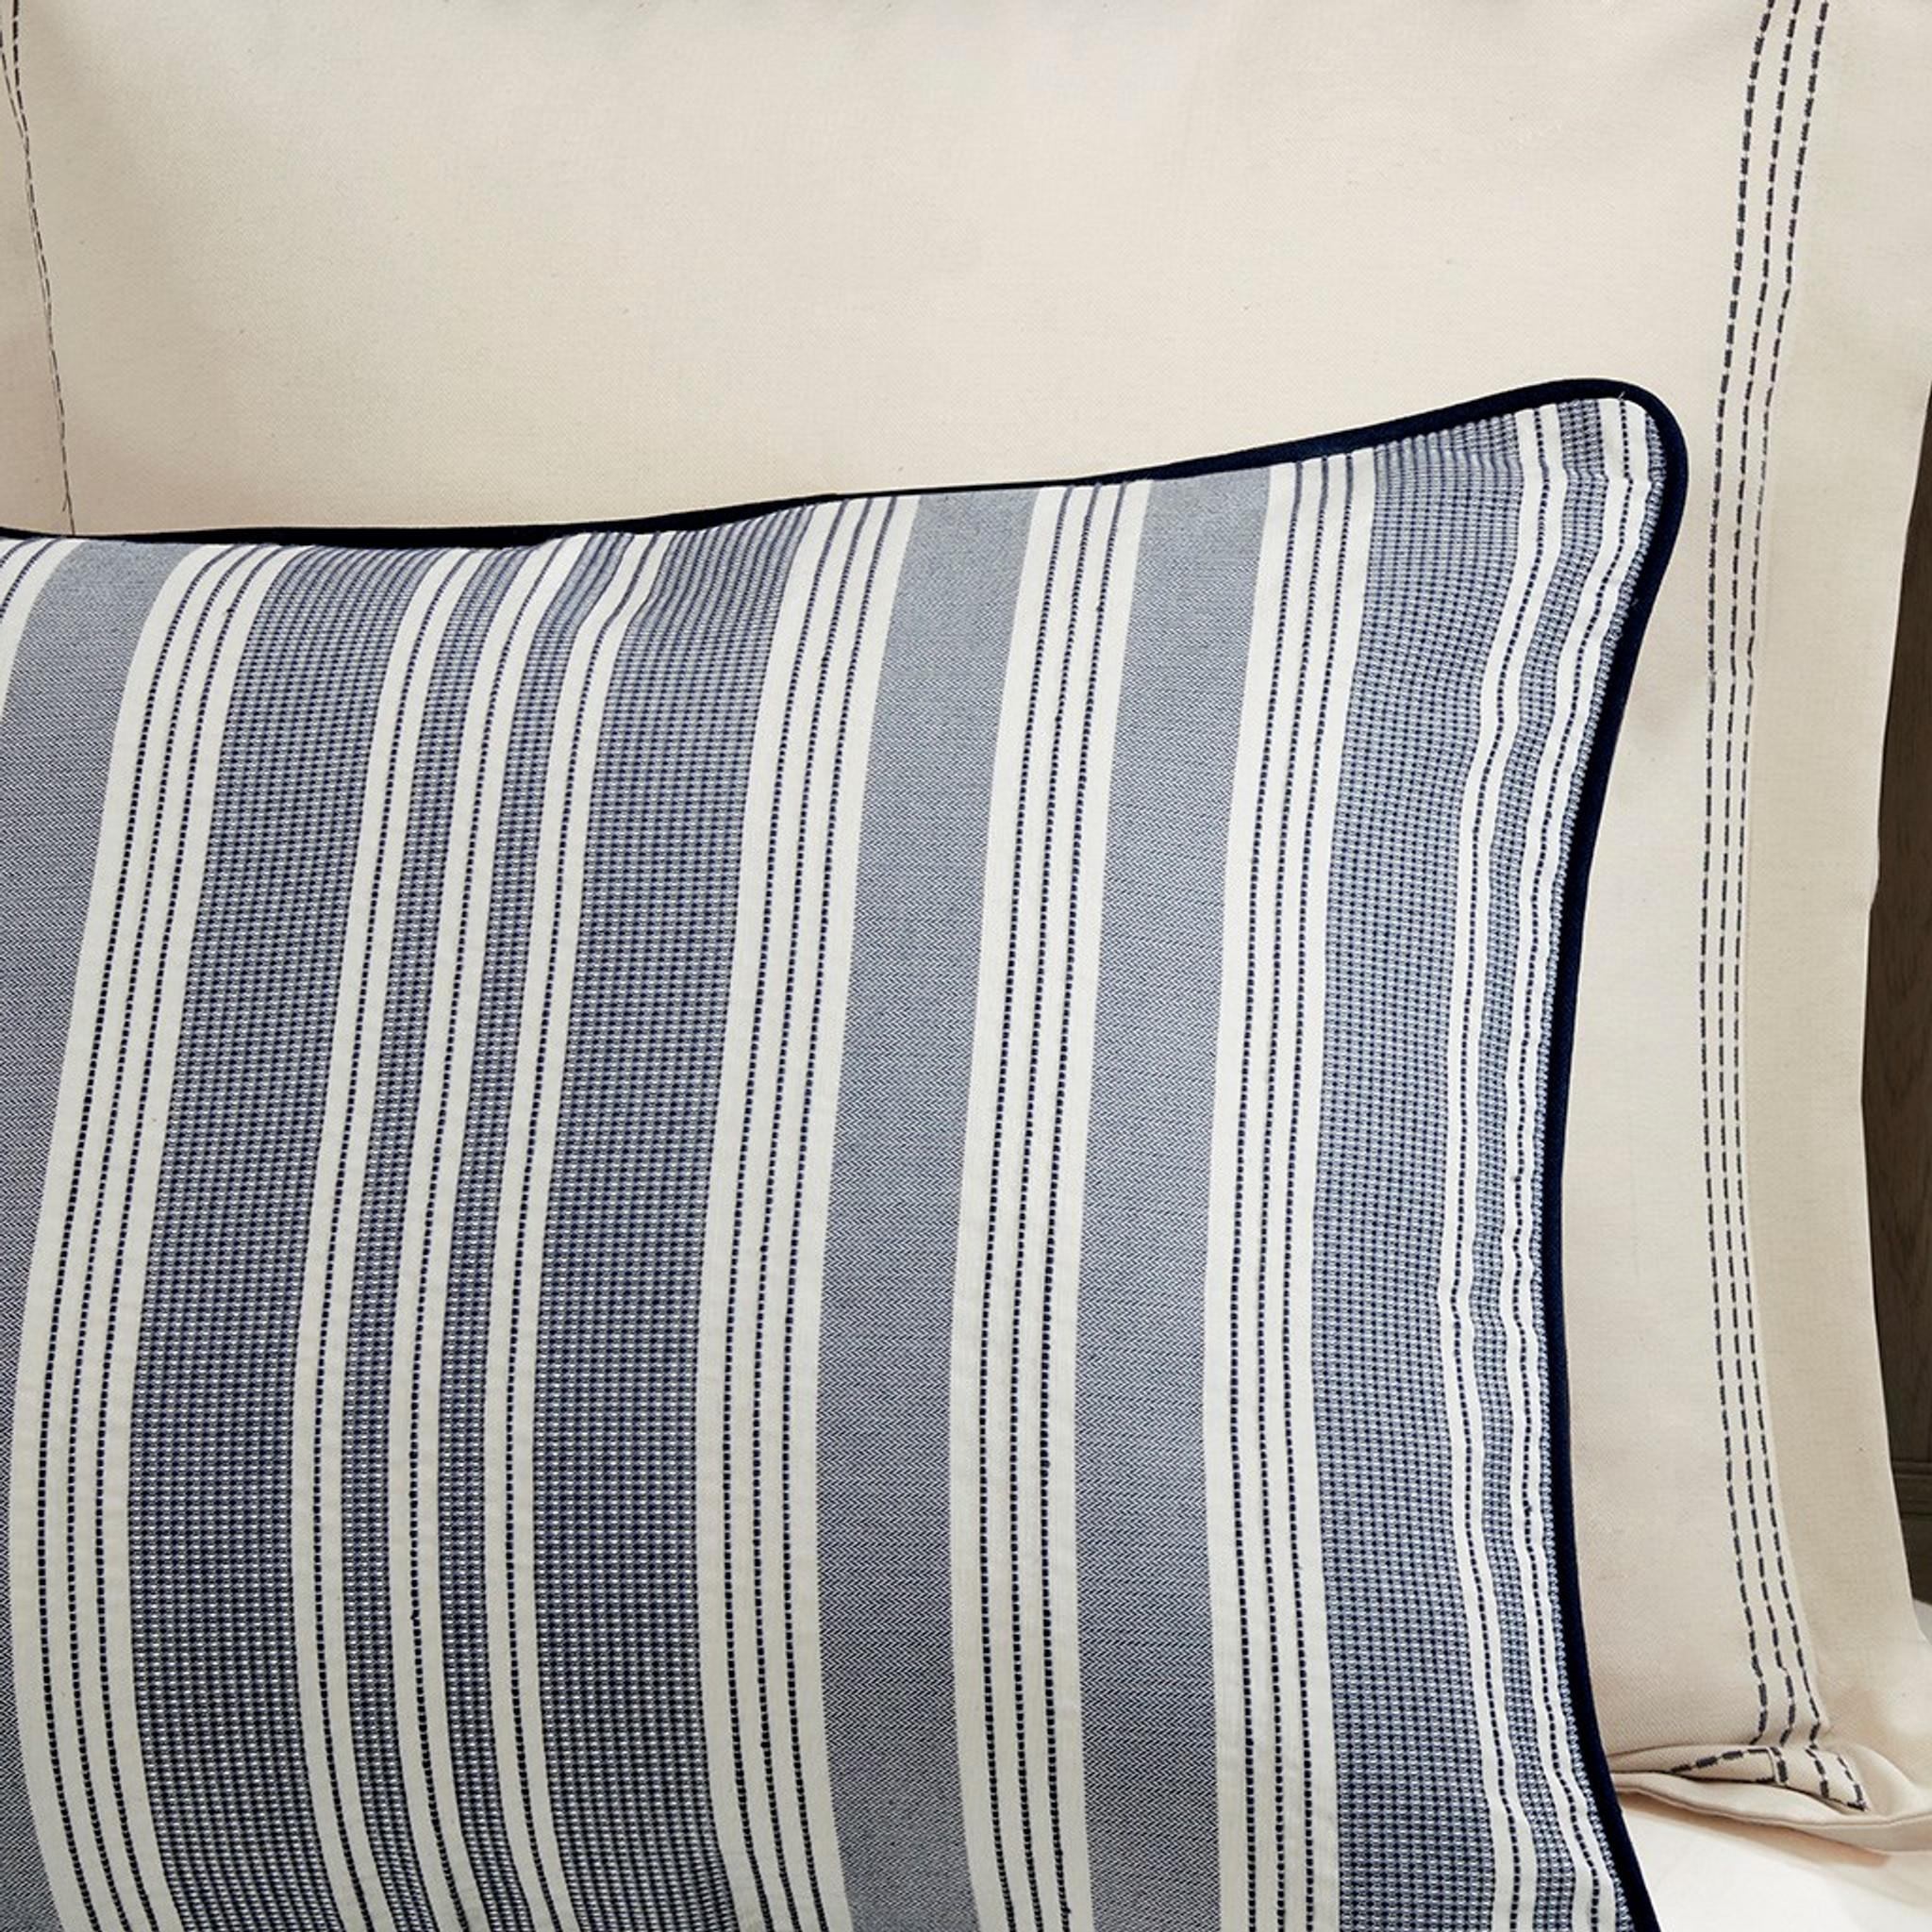 Coastal Farmhouse Comforter Queen Size 8 Piece Bedding